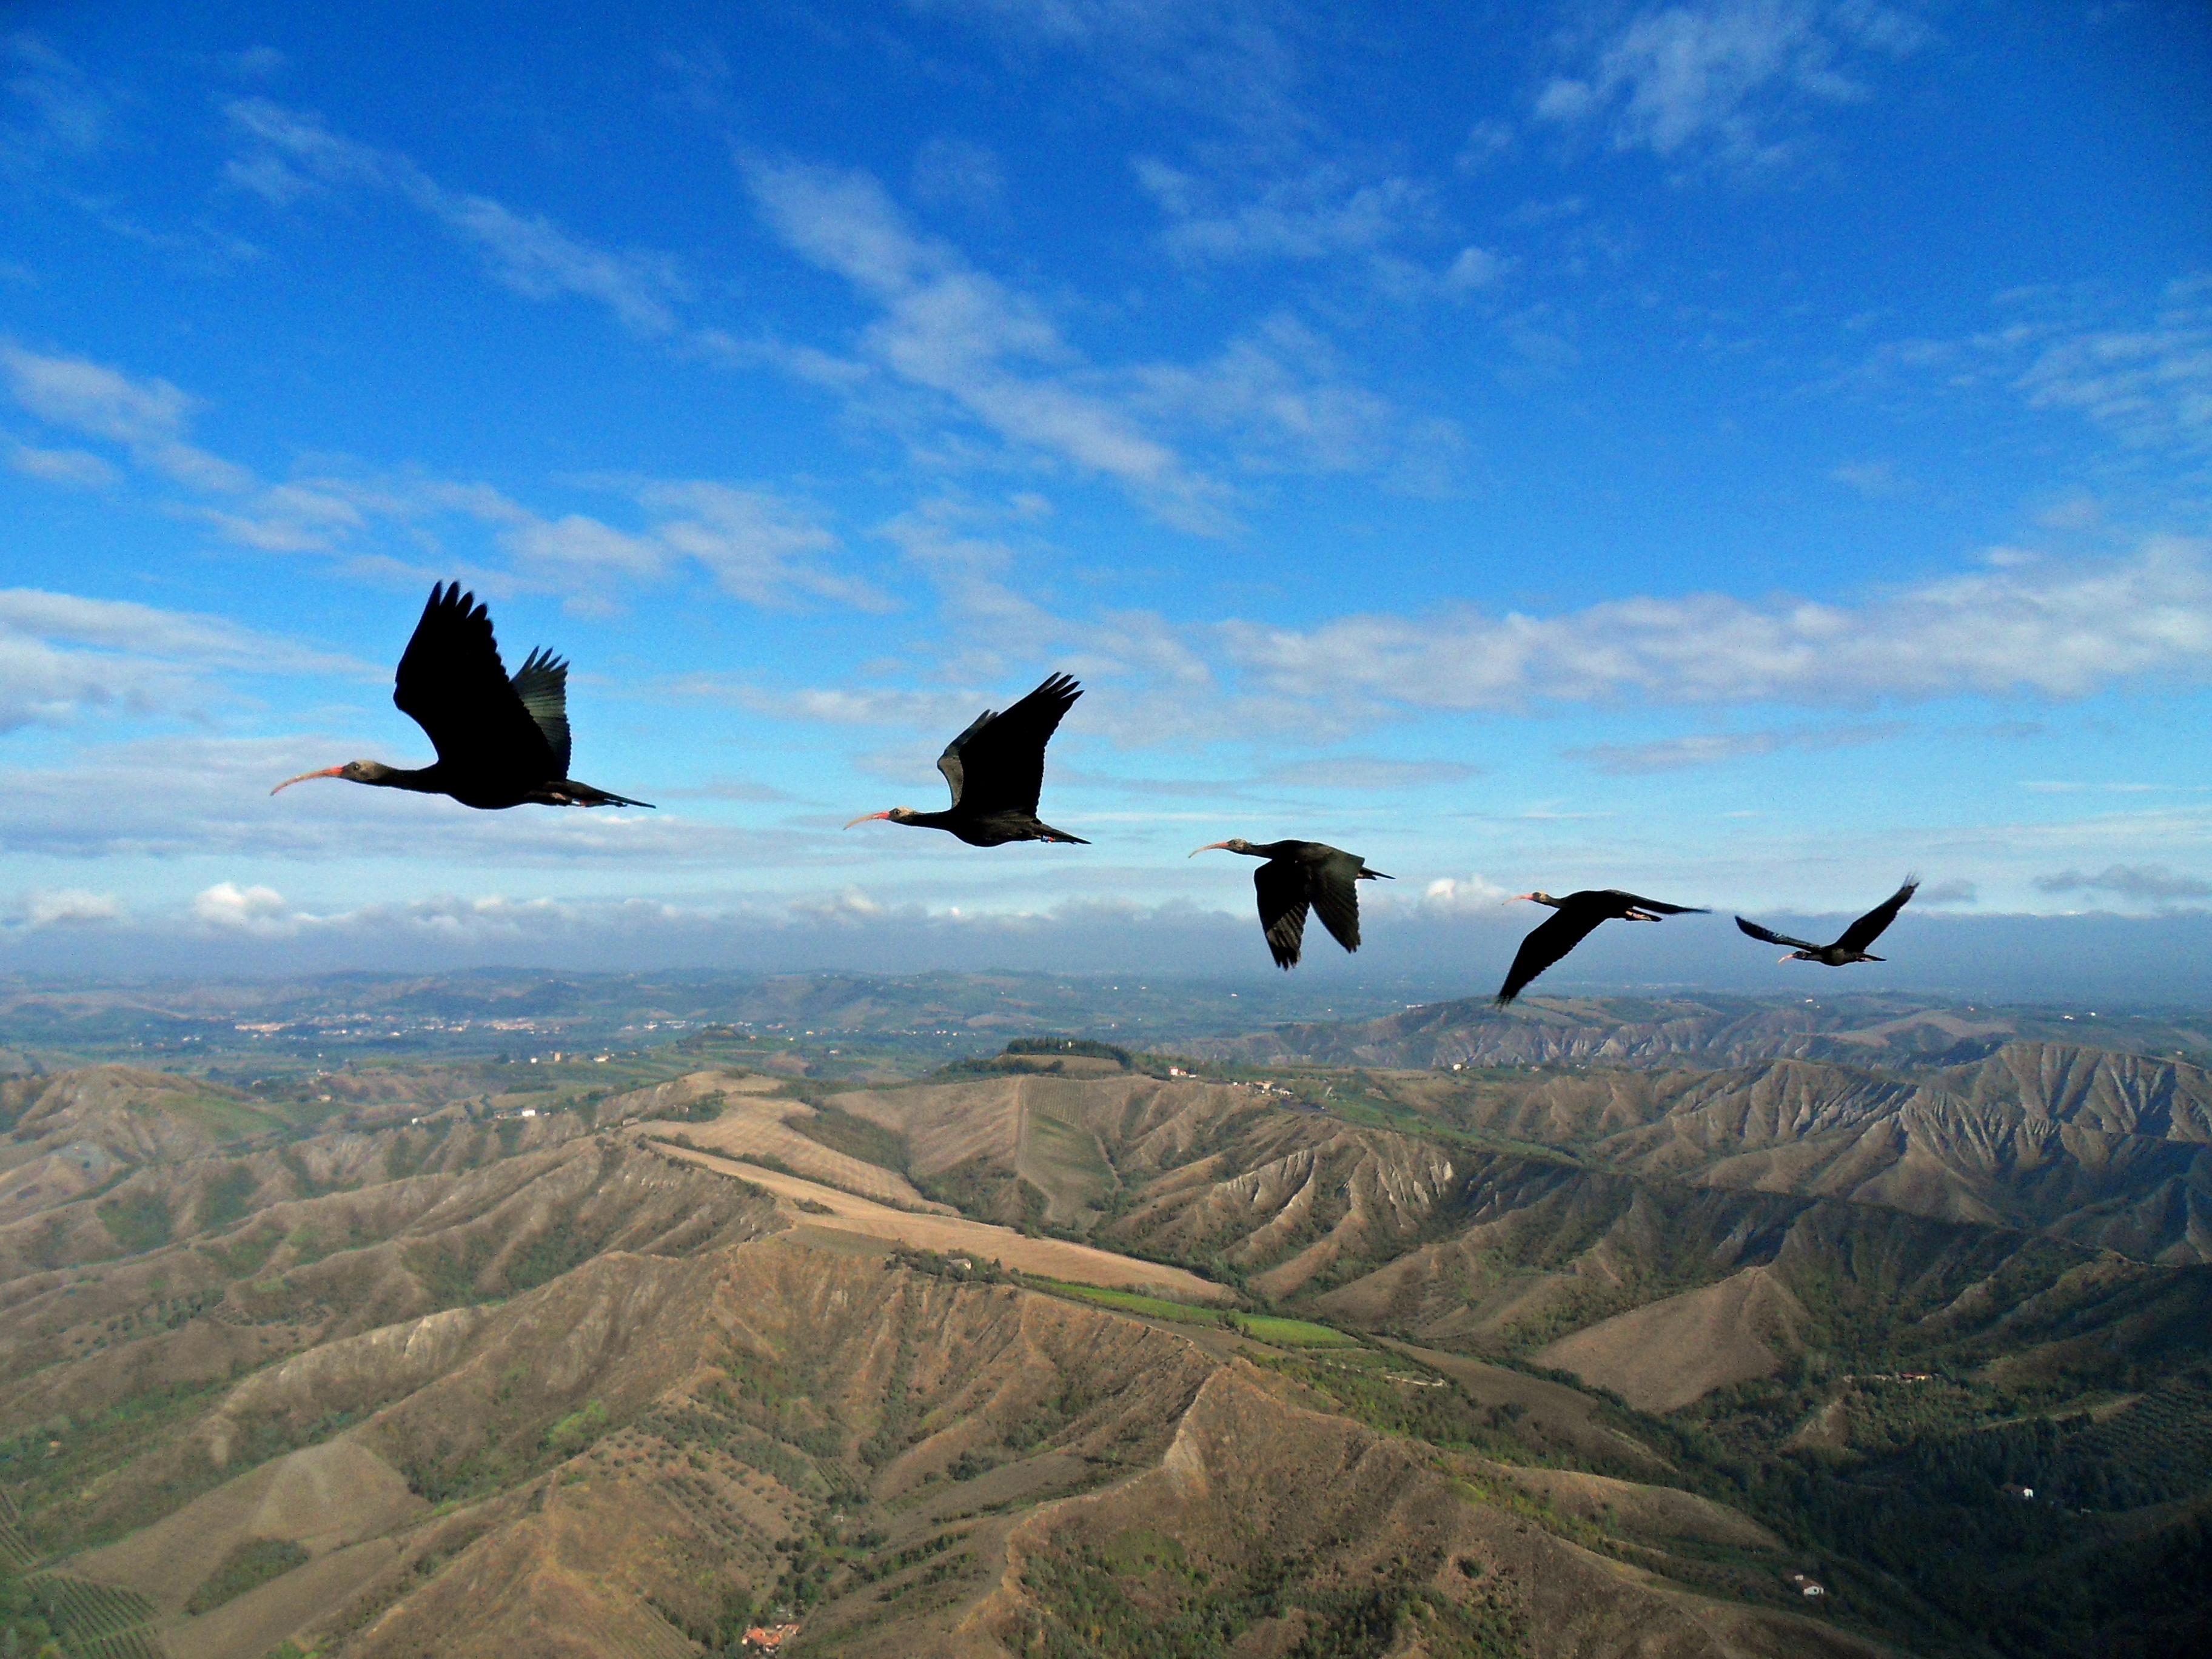 Γιατί τα πουλιά πετούν σε σχηματισμό V